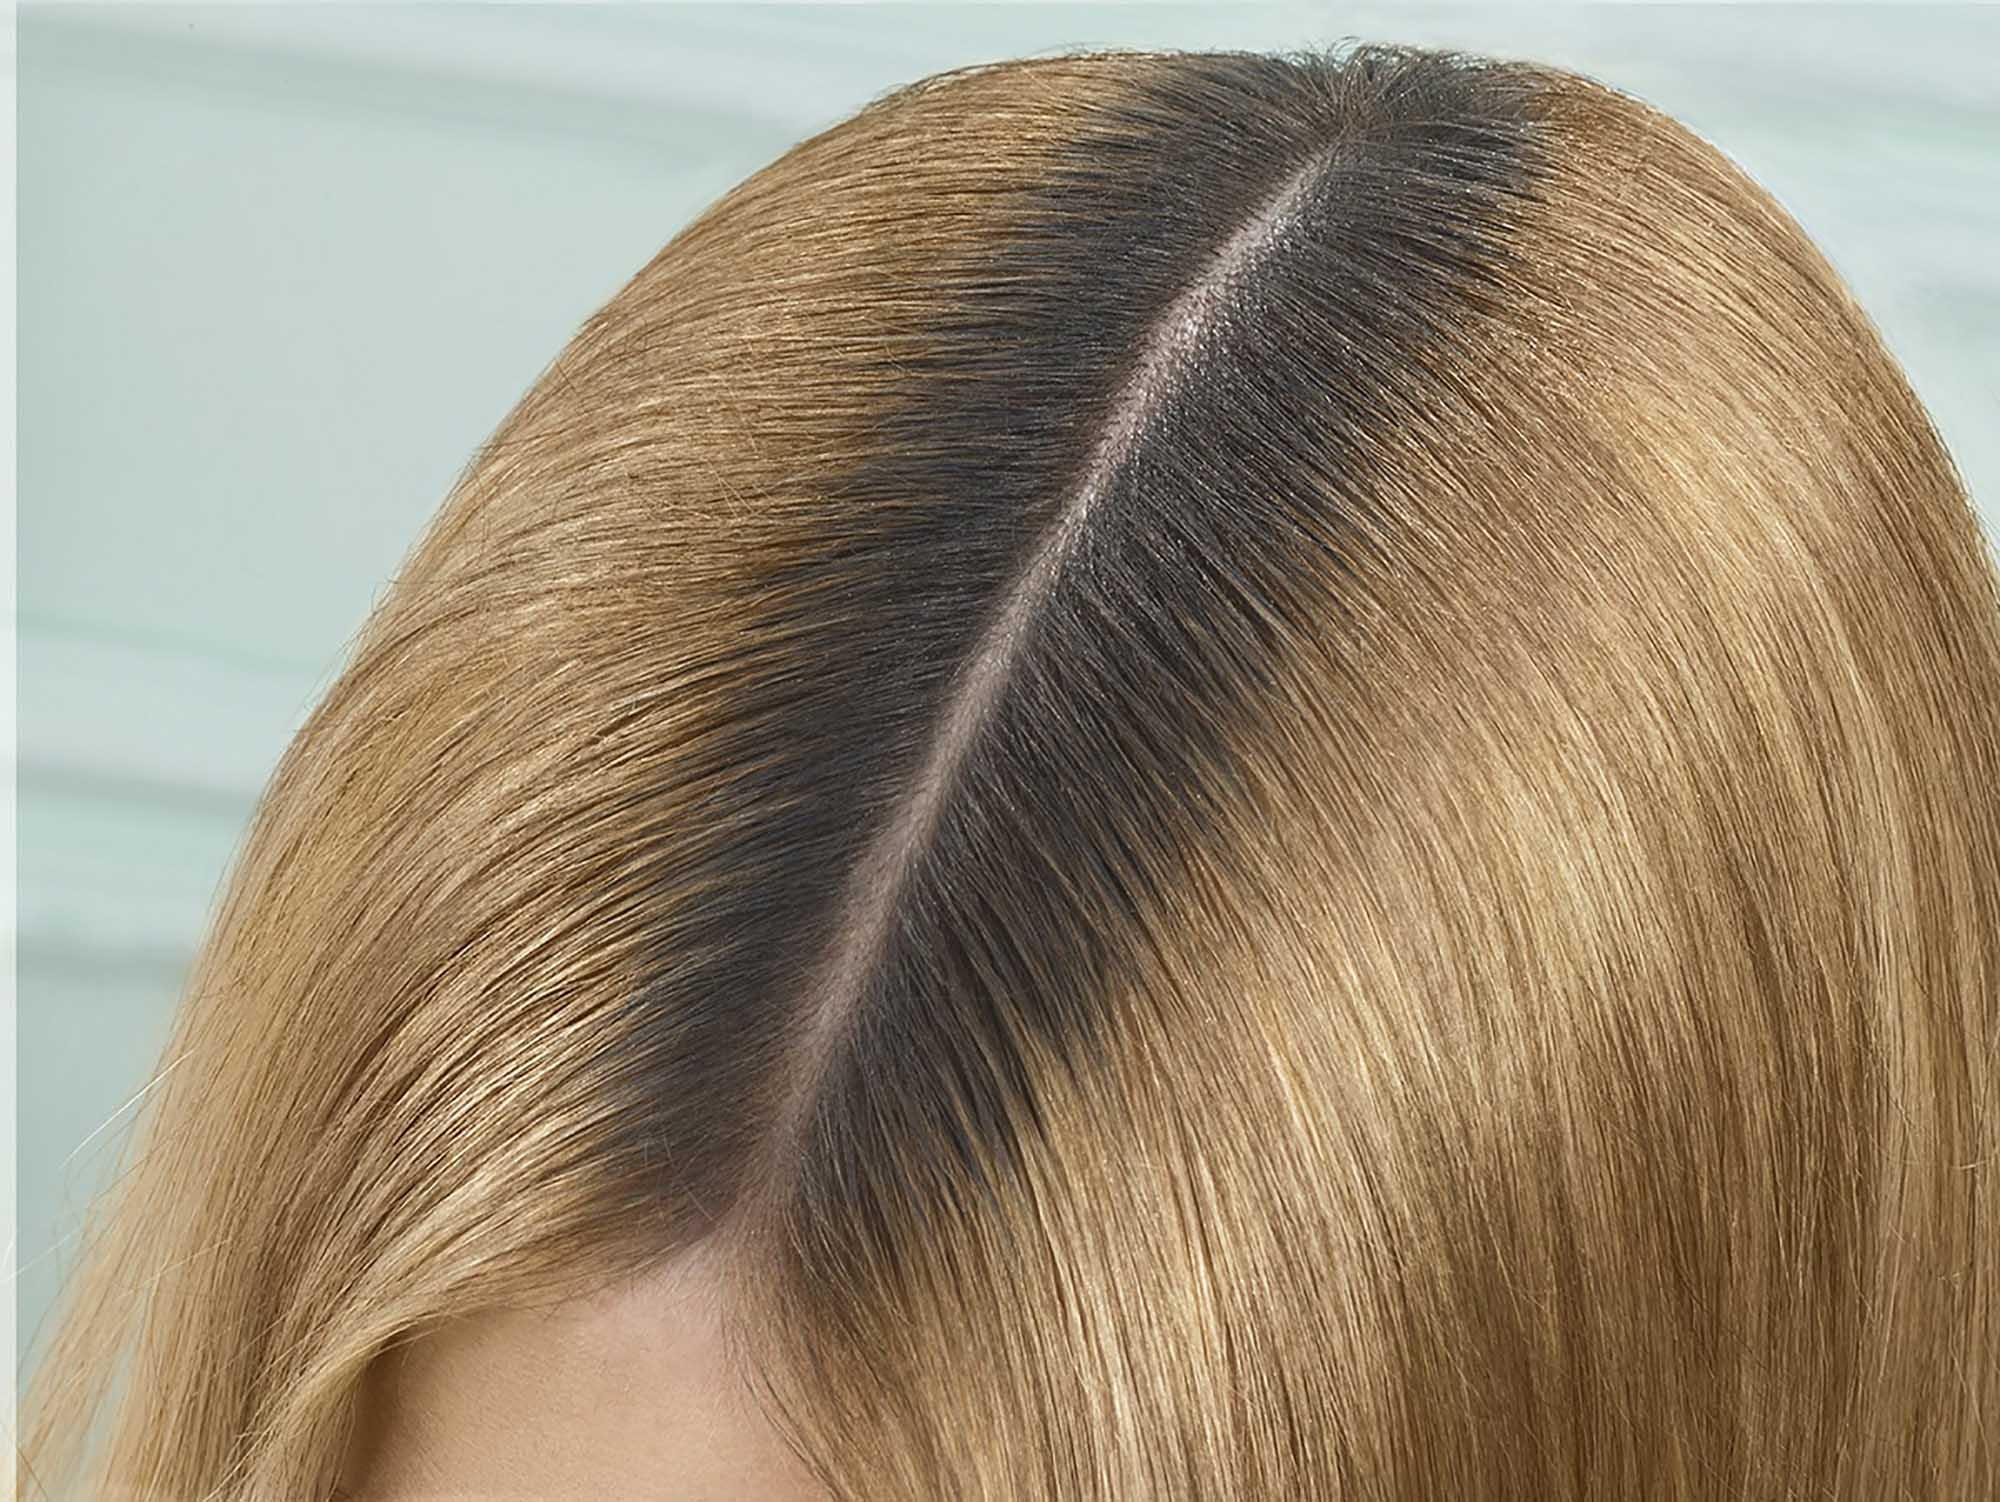 מגיק ריטאץ לצבועות שיער בלונדיני לוריאל פריז מחיר השקה ינואר 2020 29.90שח במקום 49.90שח צילום יחצ חול (1)5